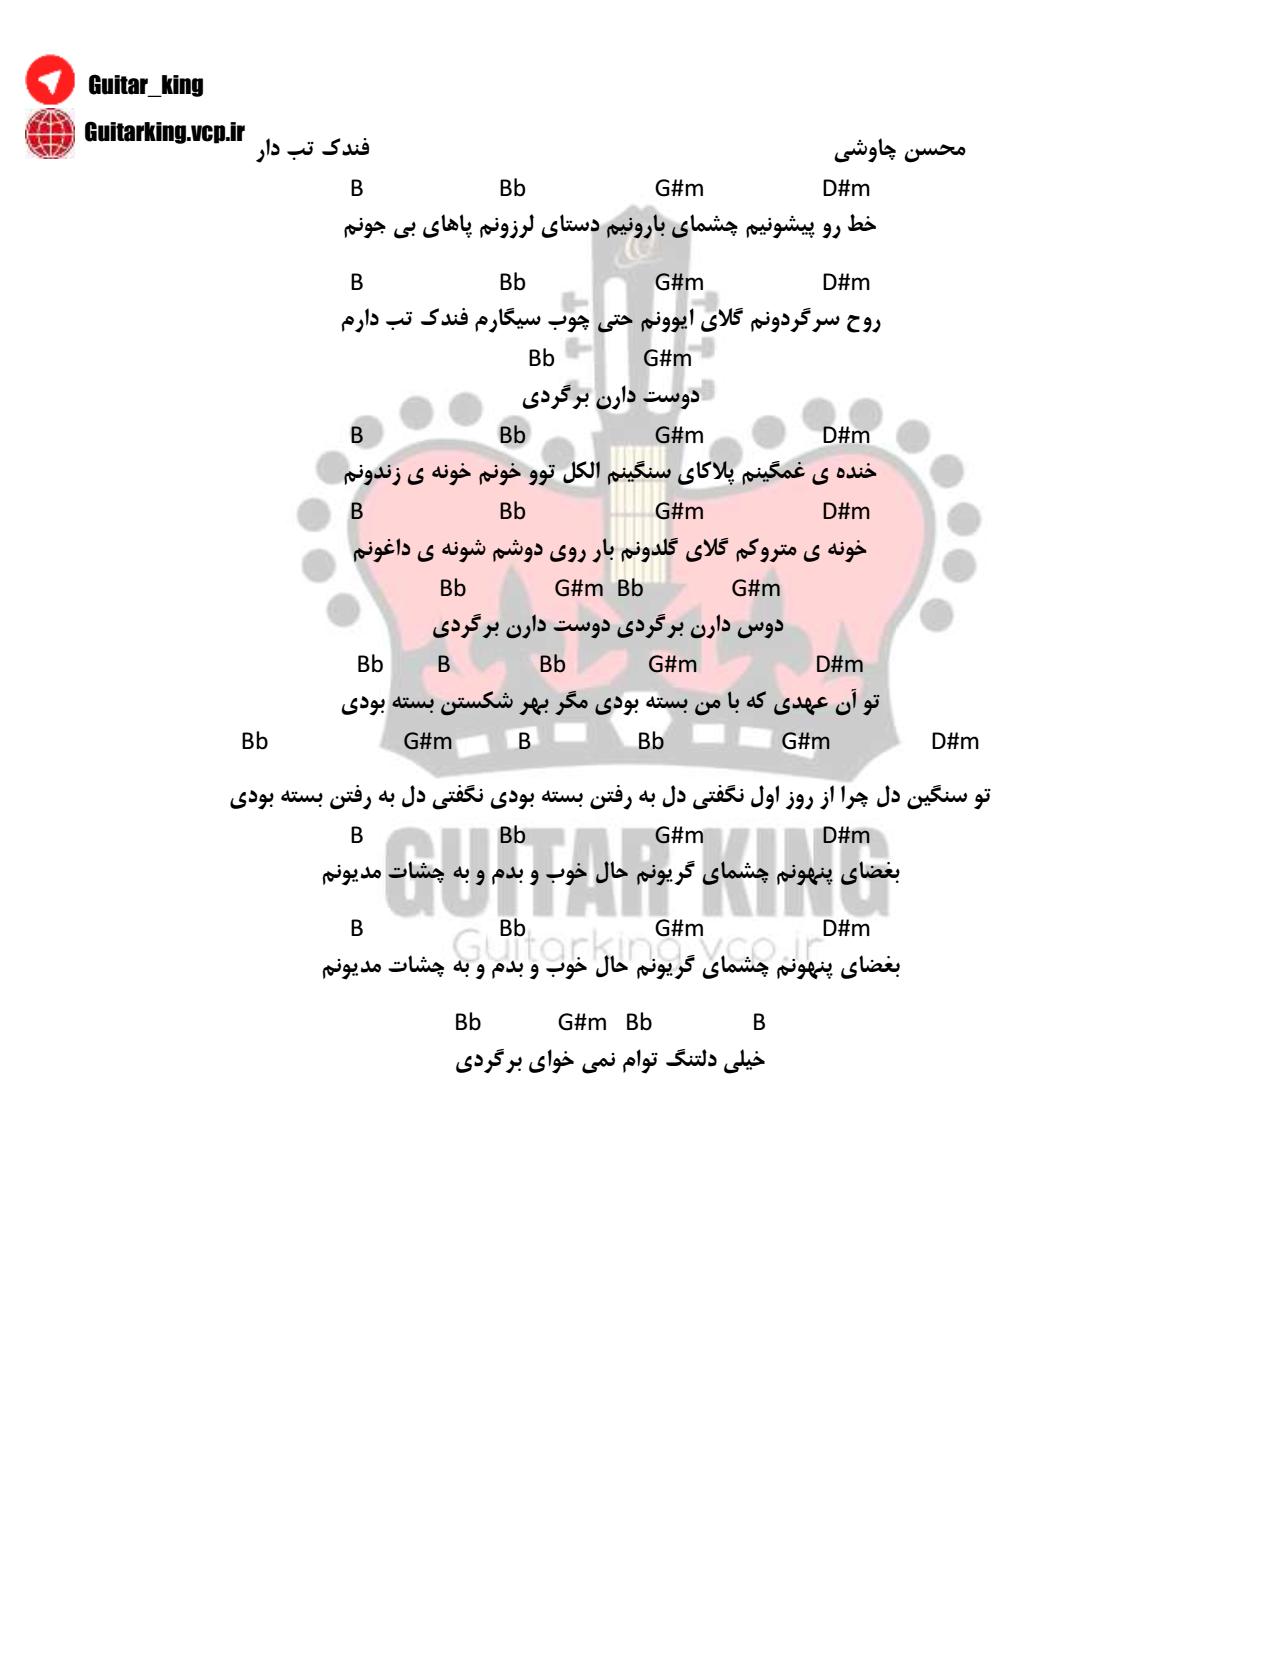 اکورد اهنگ فندک تب دار از محسن چاوشی